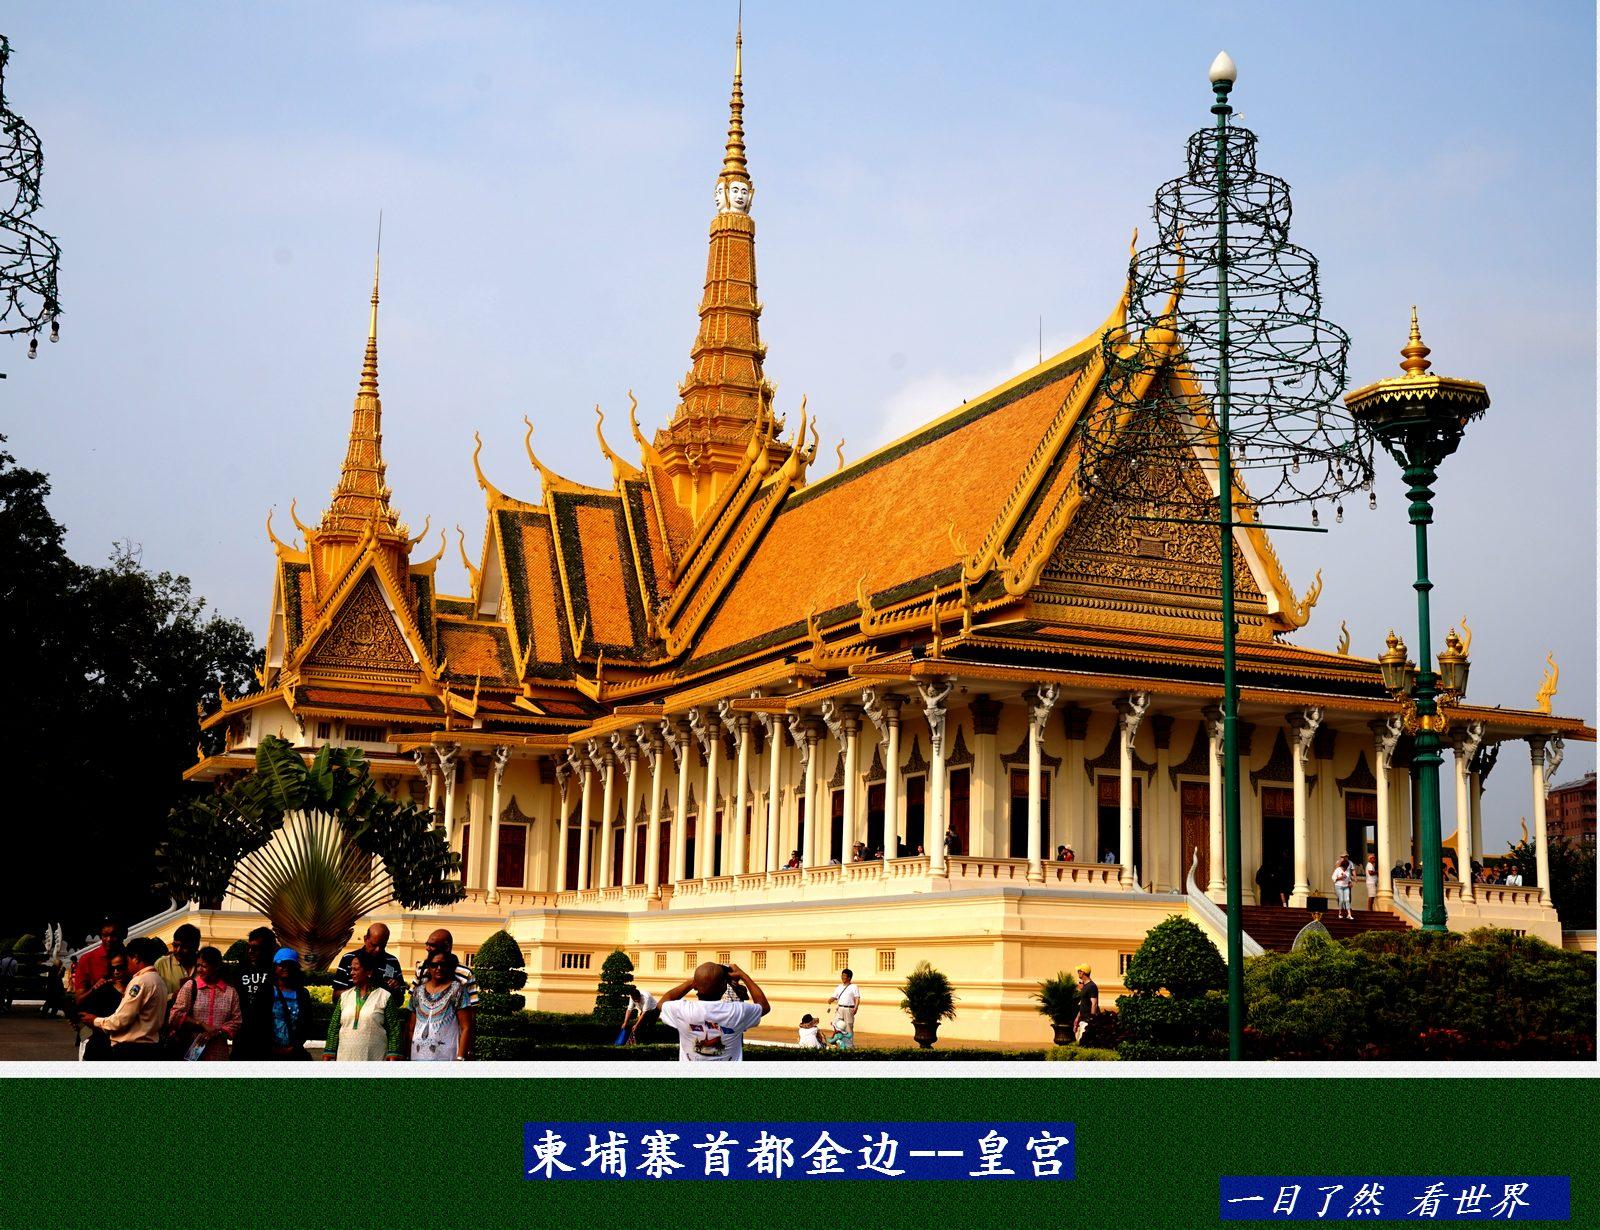 柬埔寨皇宫-29-1600.jpg